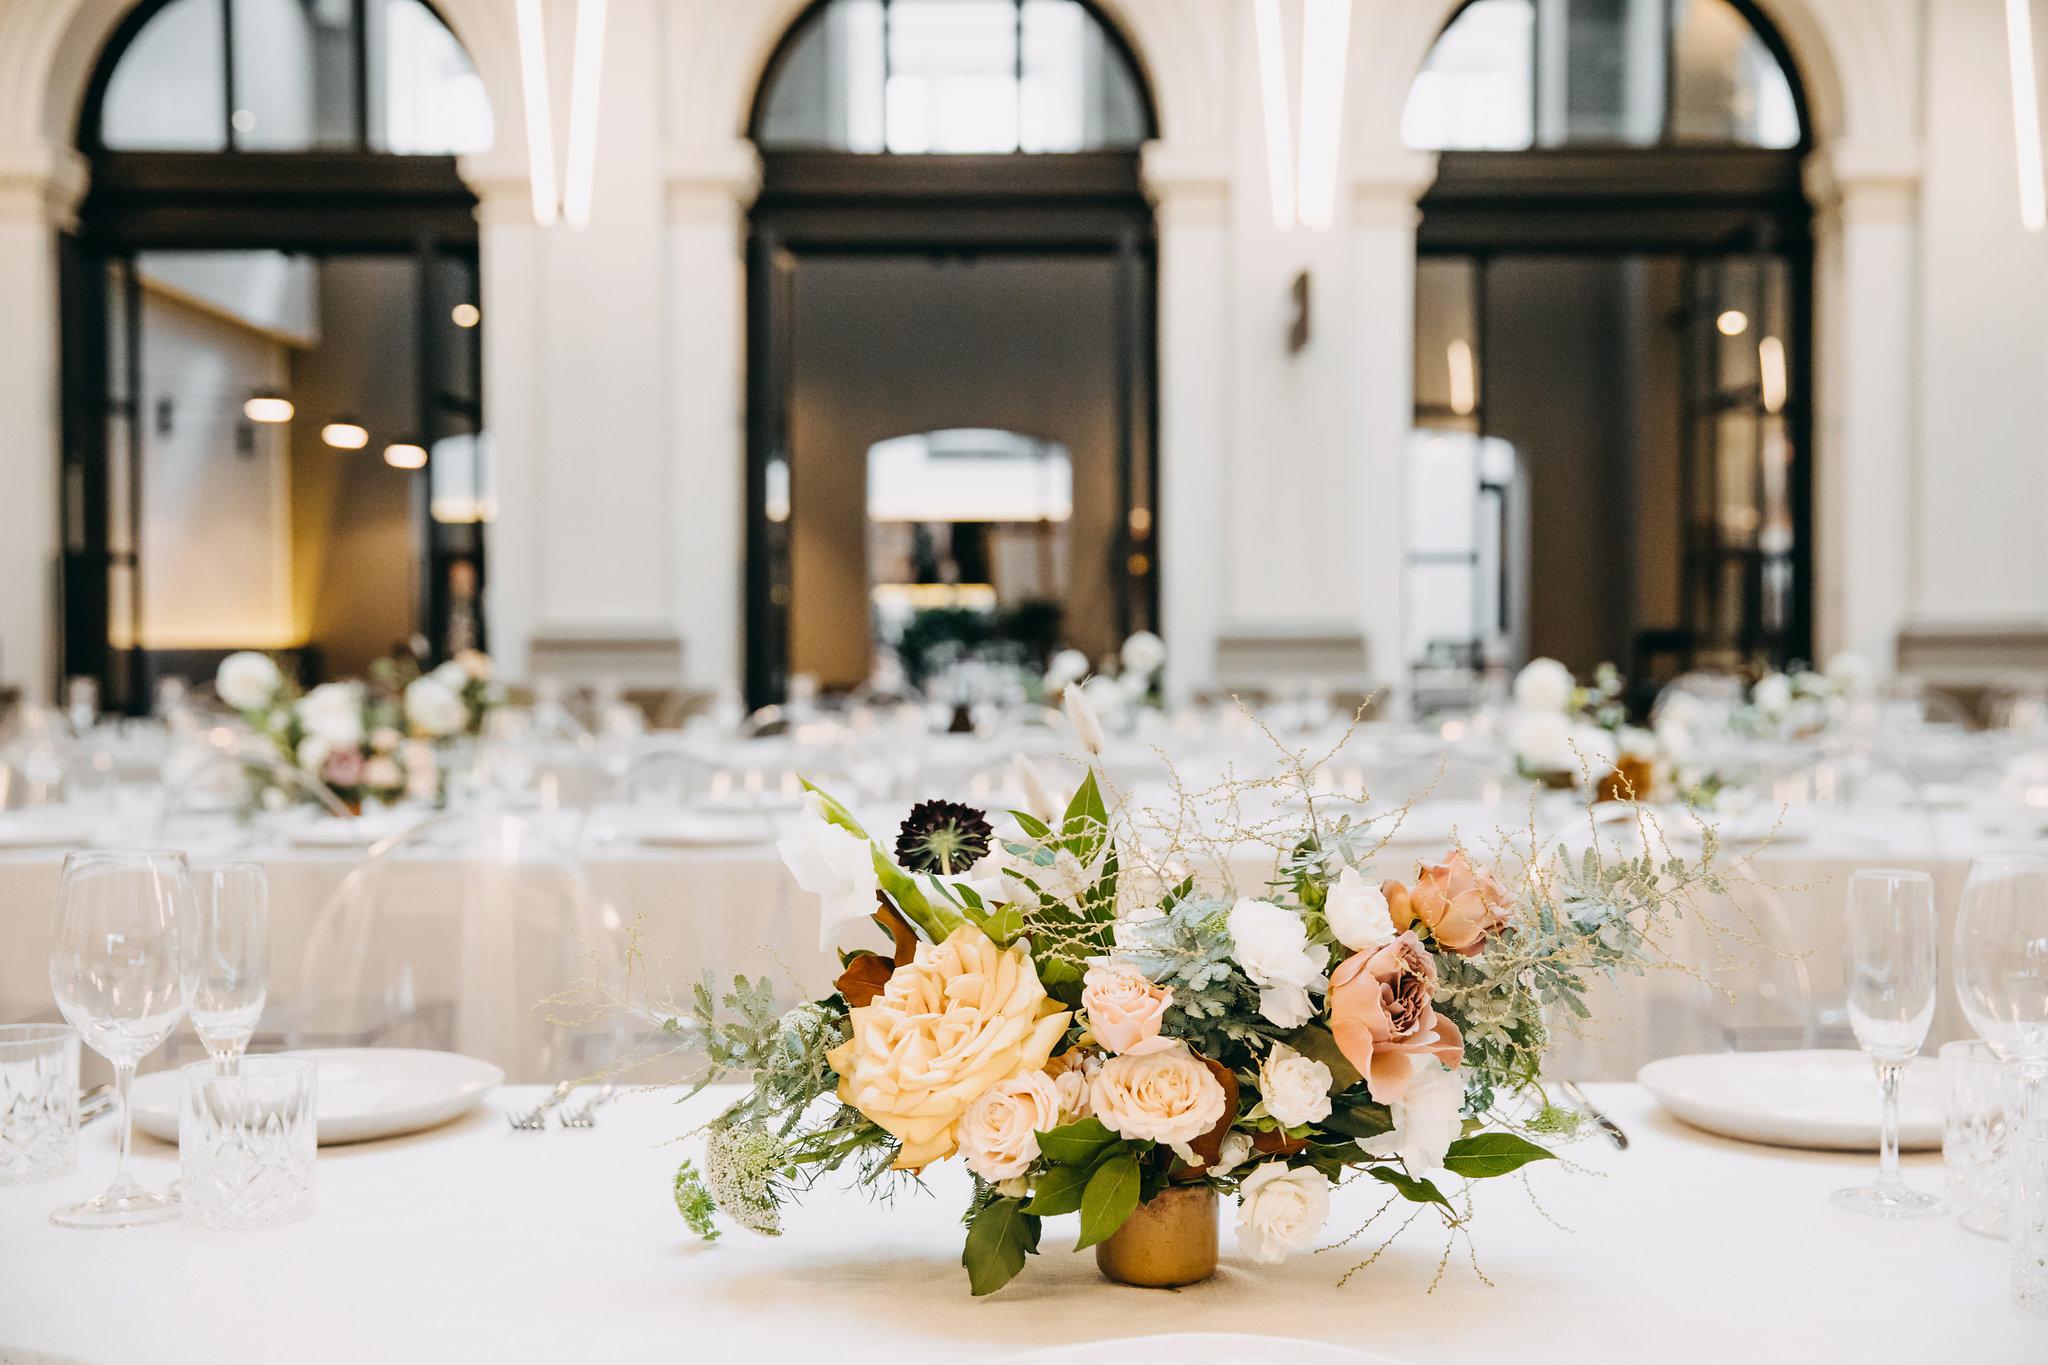 WEDDINGOPENDAY-STATEBUILDINGS-APR2018-48